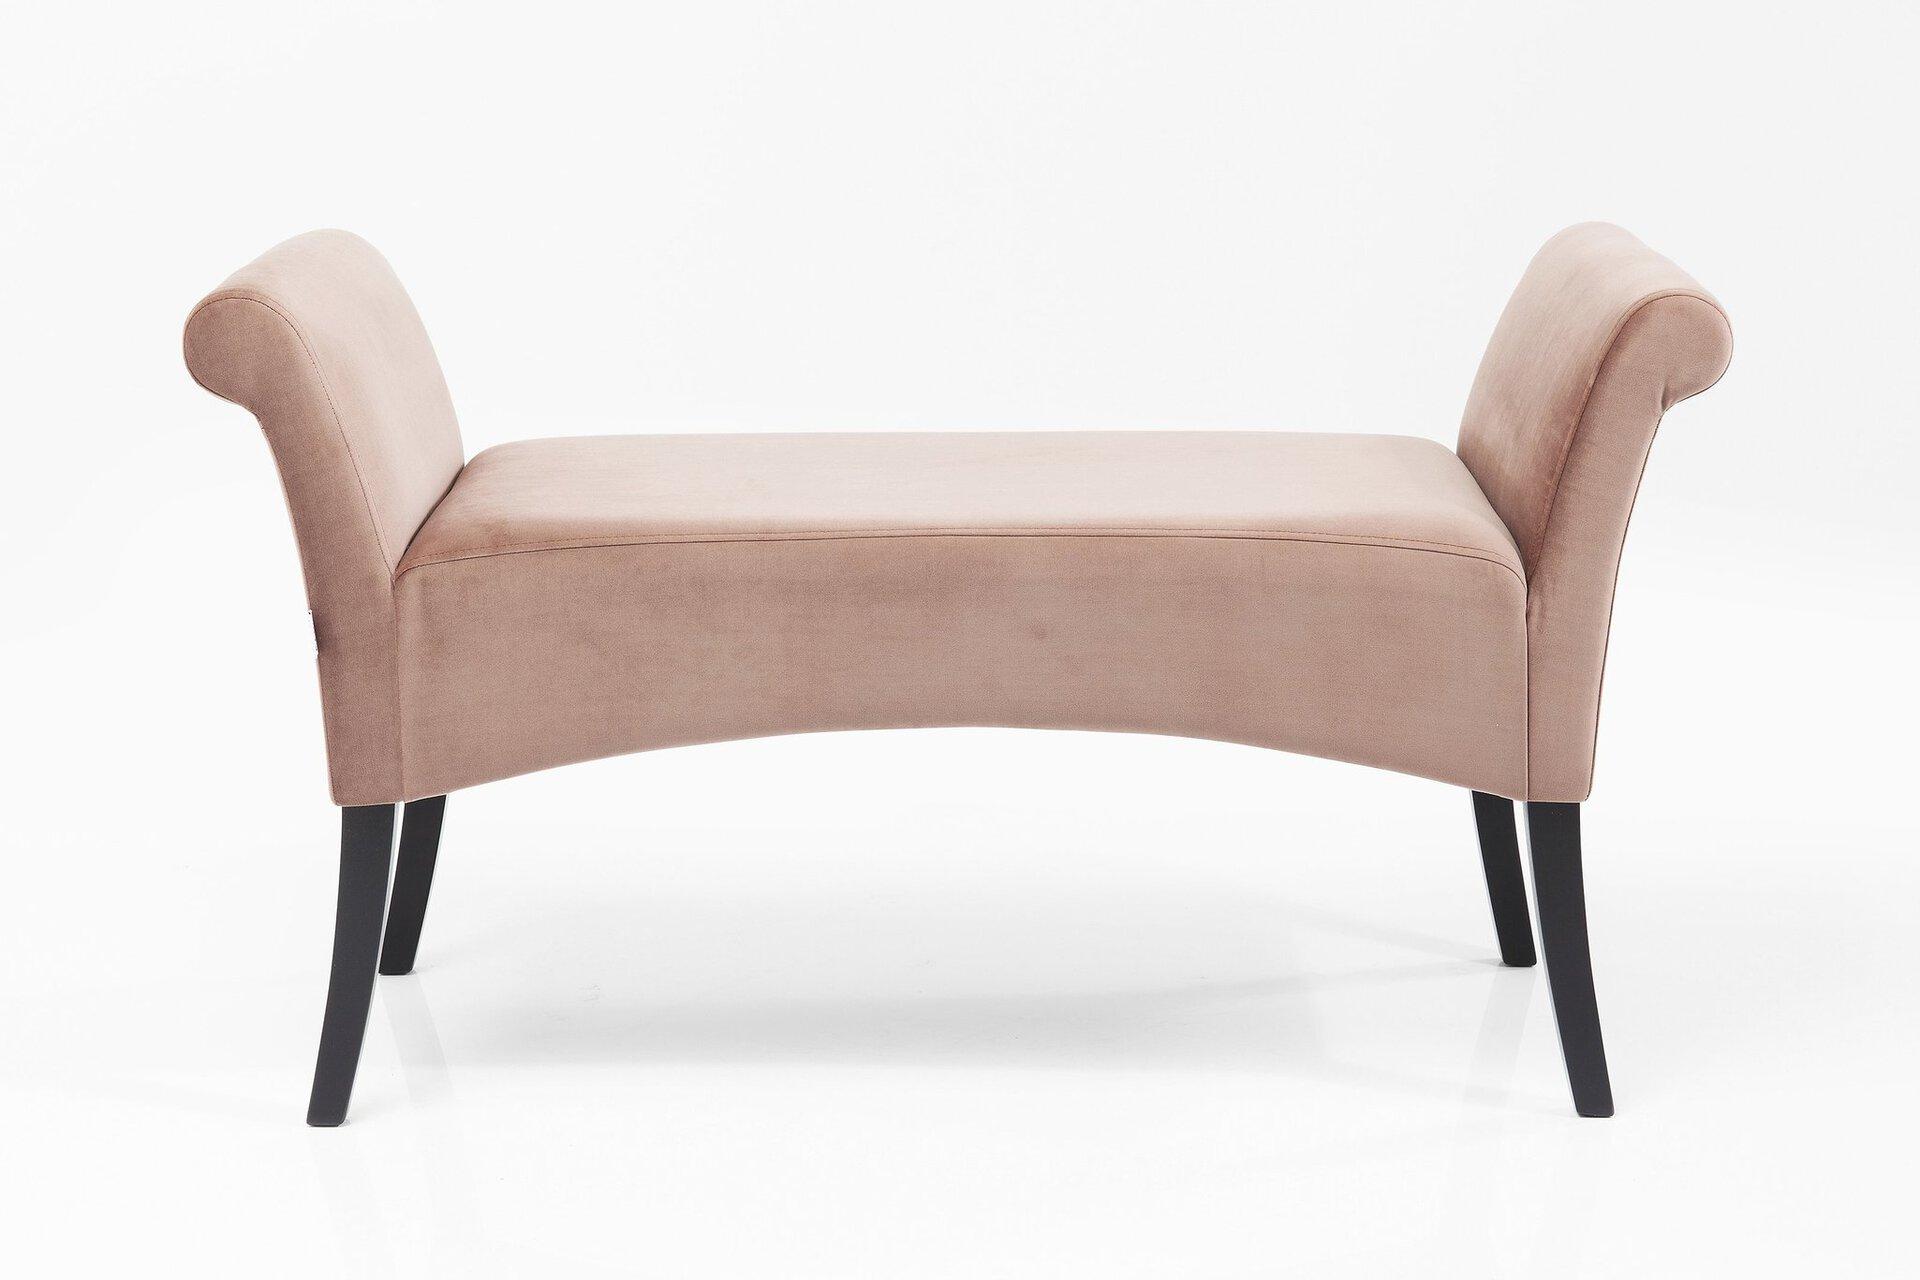 Möbel Motley Kare Design Textil